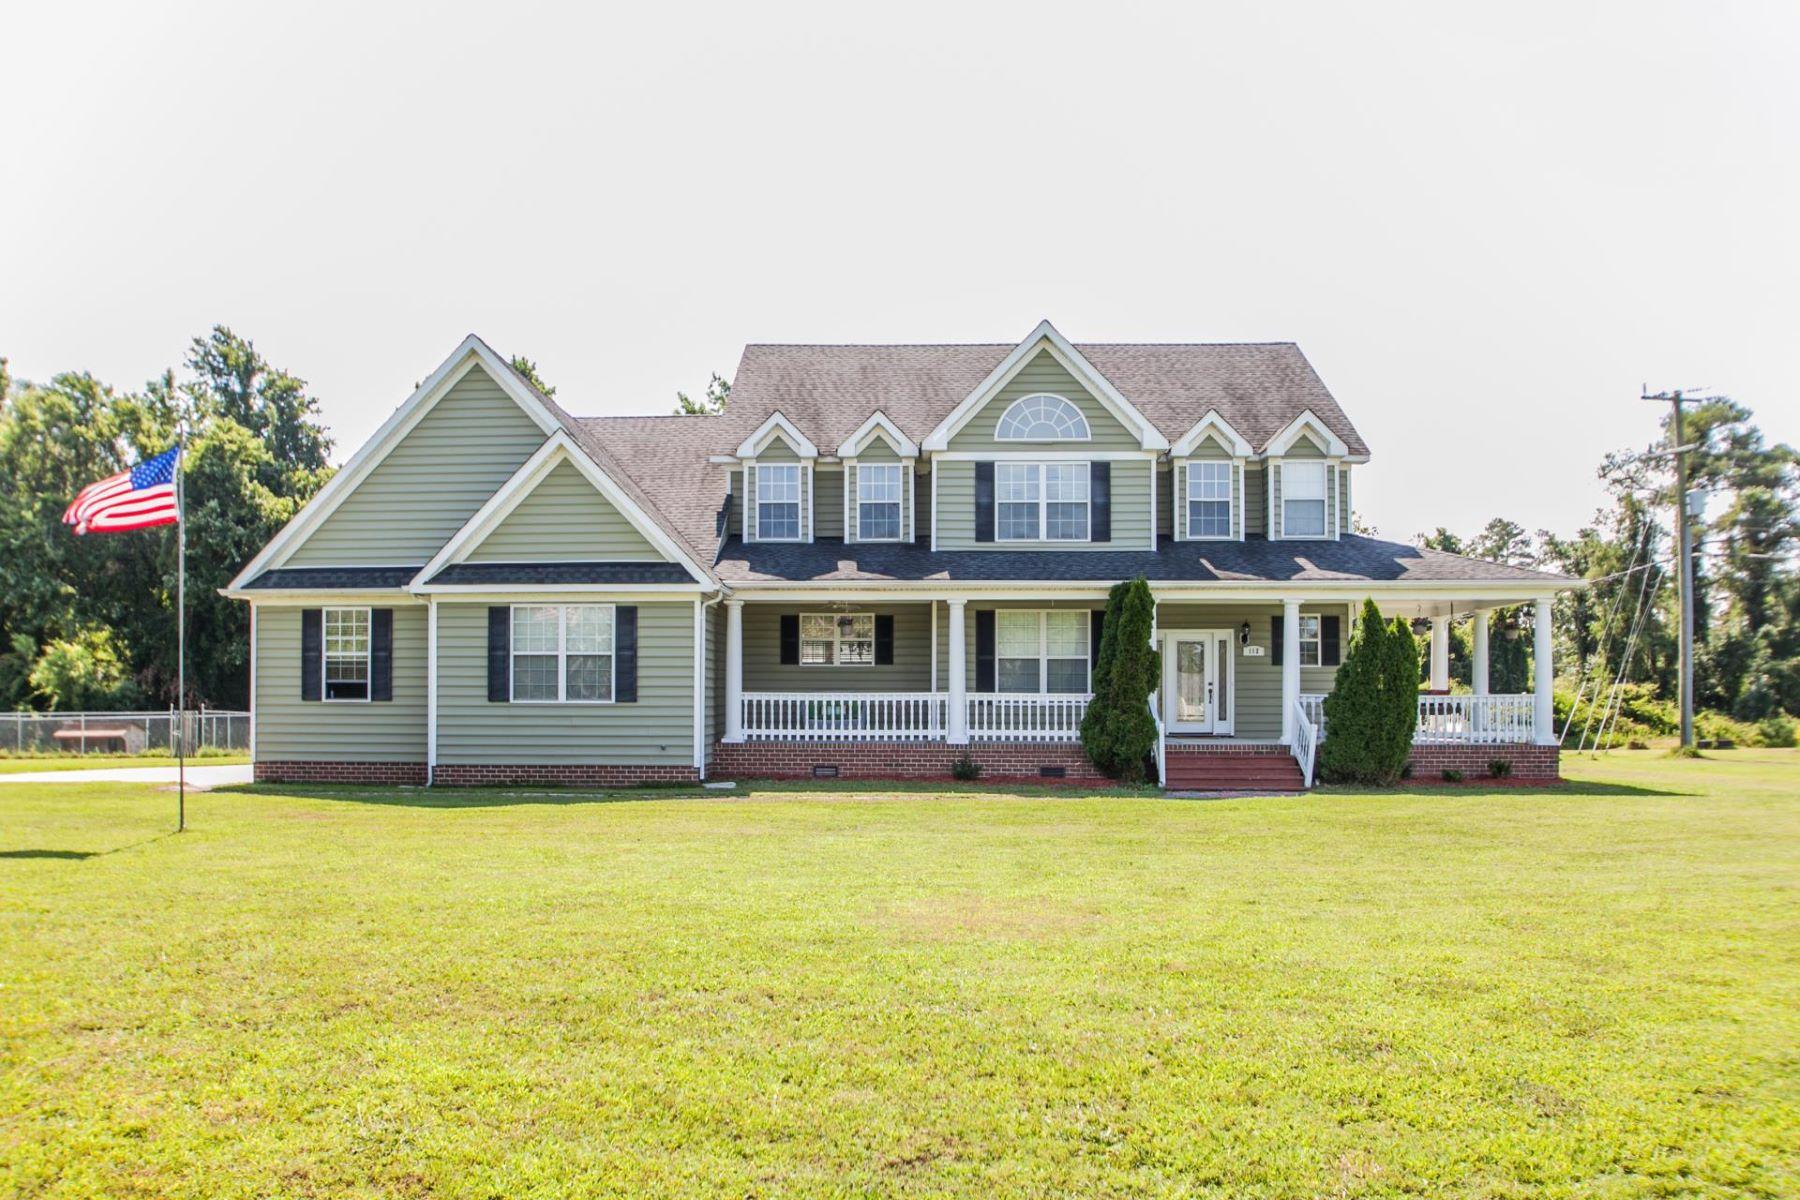 Частный односемейный дом для того Продажа на Martin Subdivision 112 Martin Lane Knotts Island, Северная Каролина 27950 Соединенные Штаты